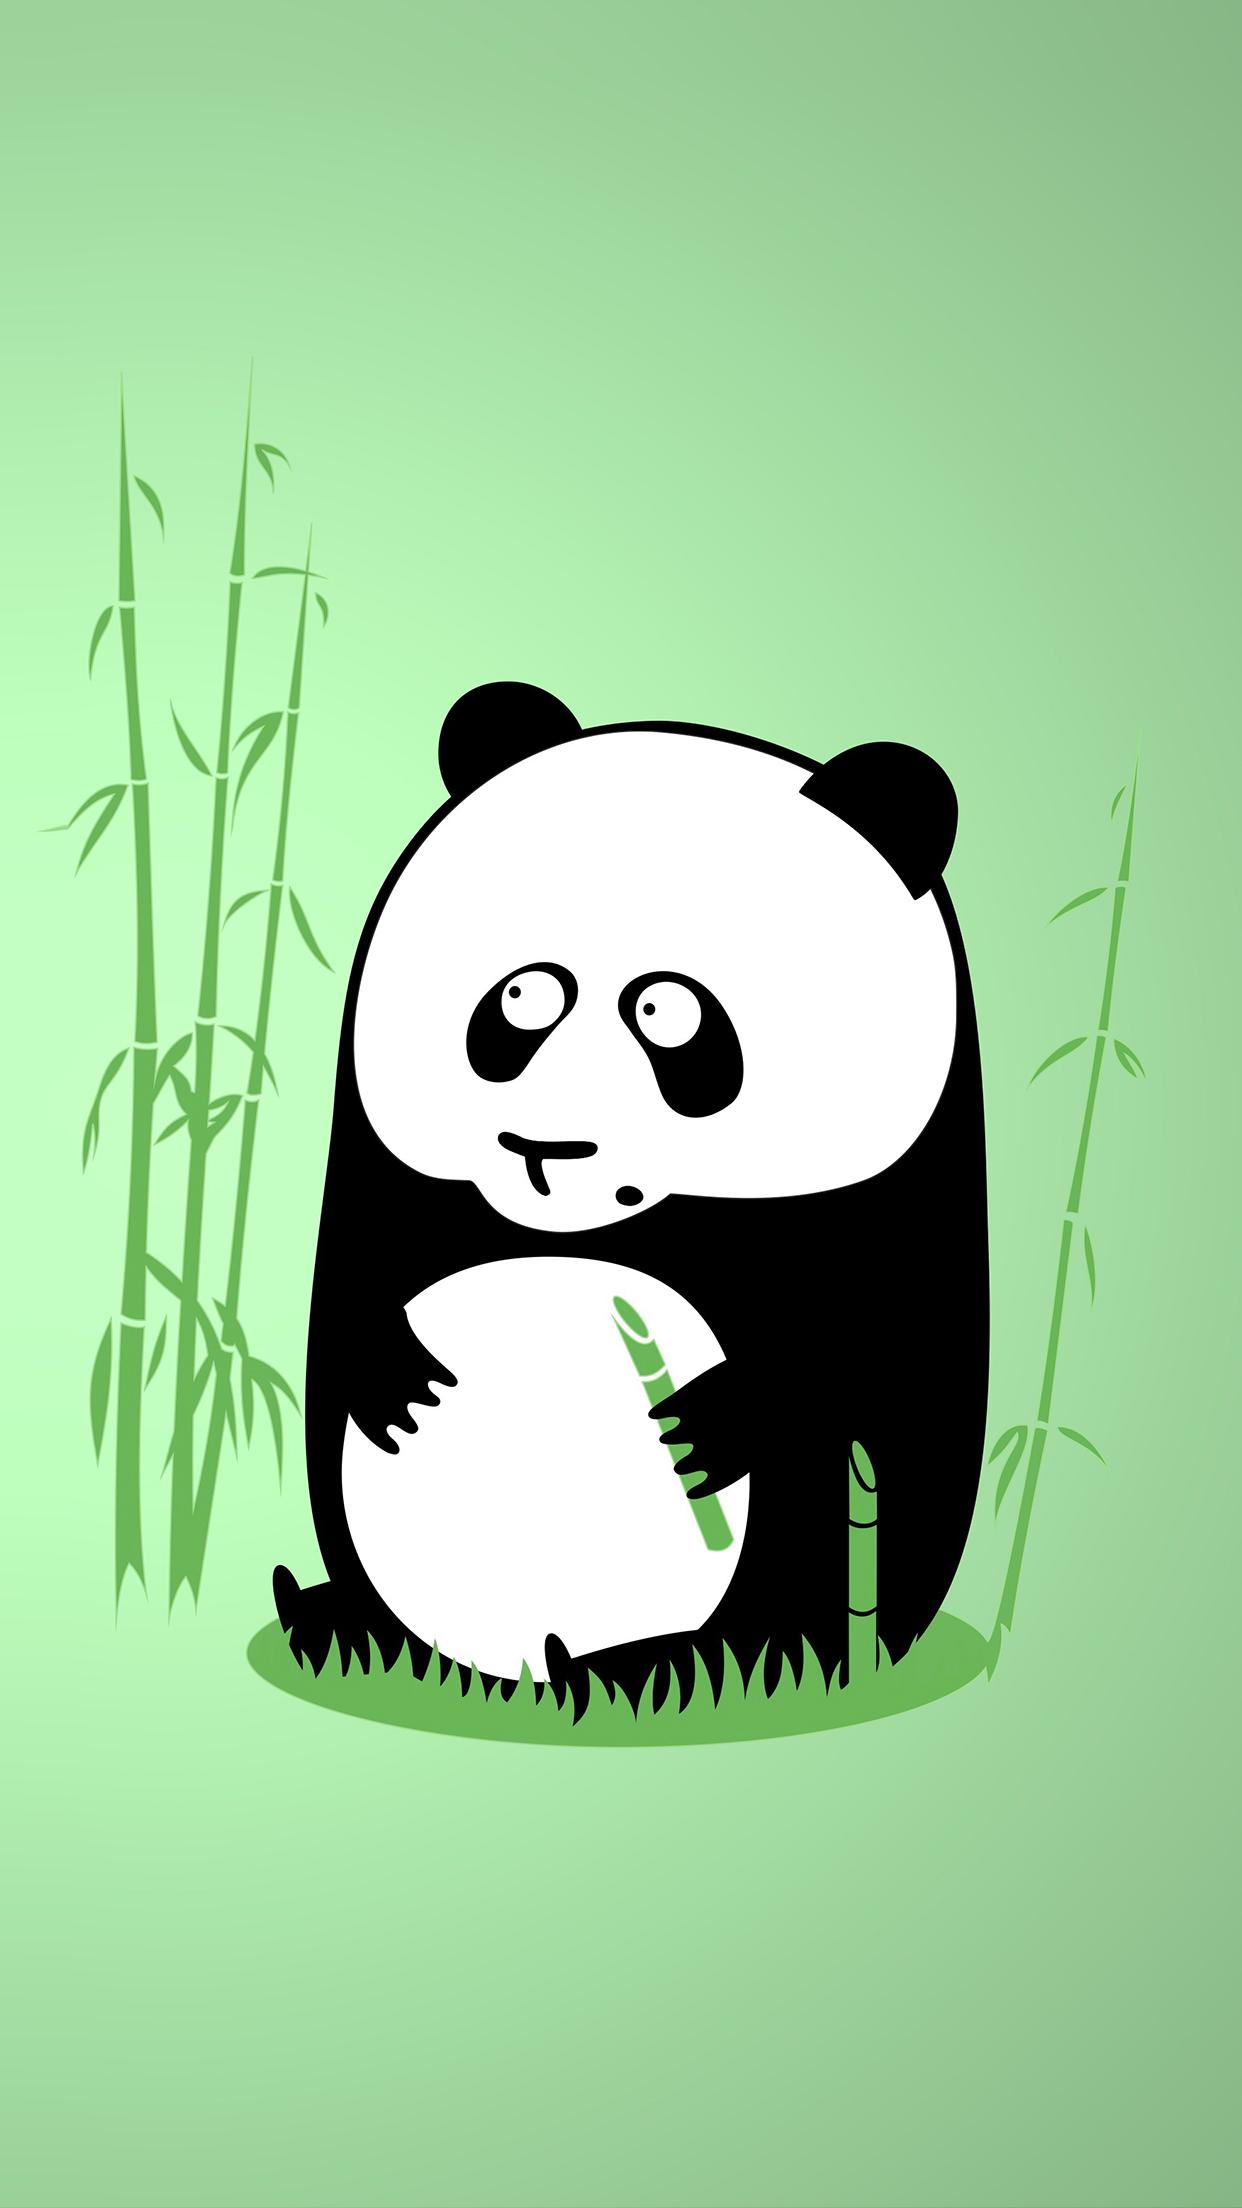 Panda art 3Wallpapers iPhone Parallax Panda art